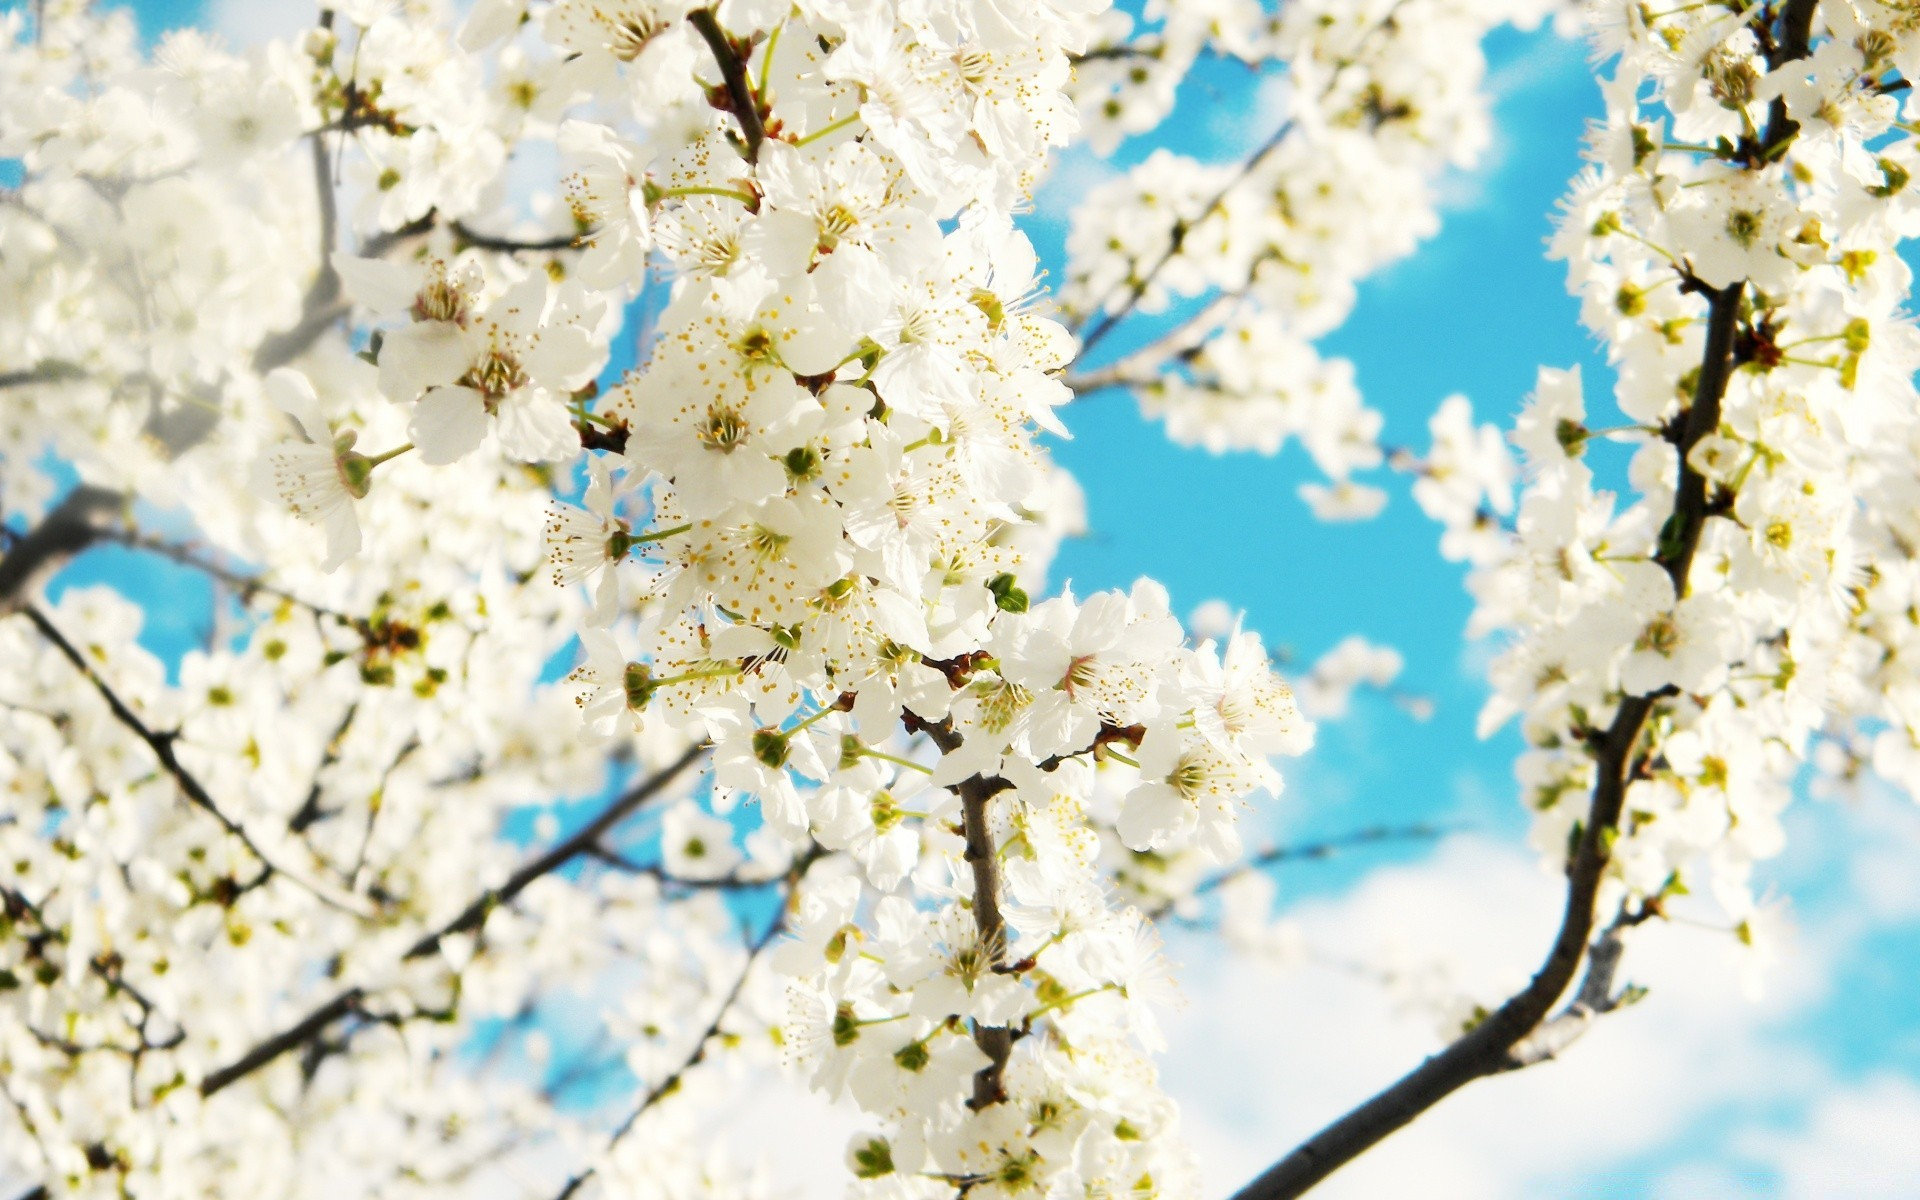 каким большие картинки весна на весь экран дом подмосковье